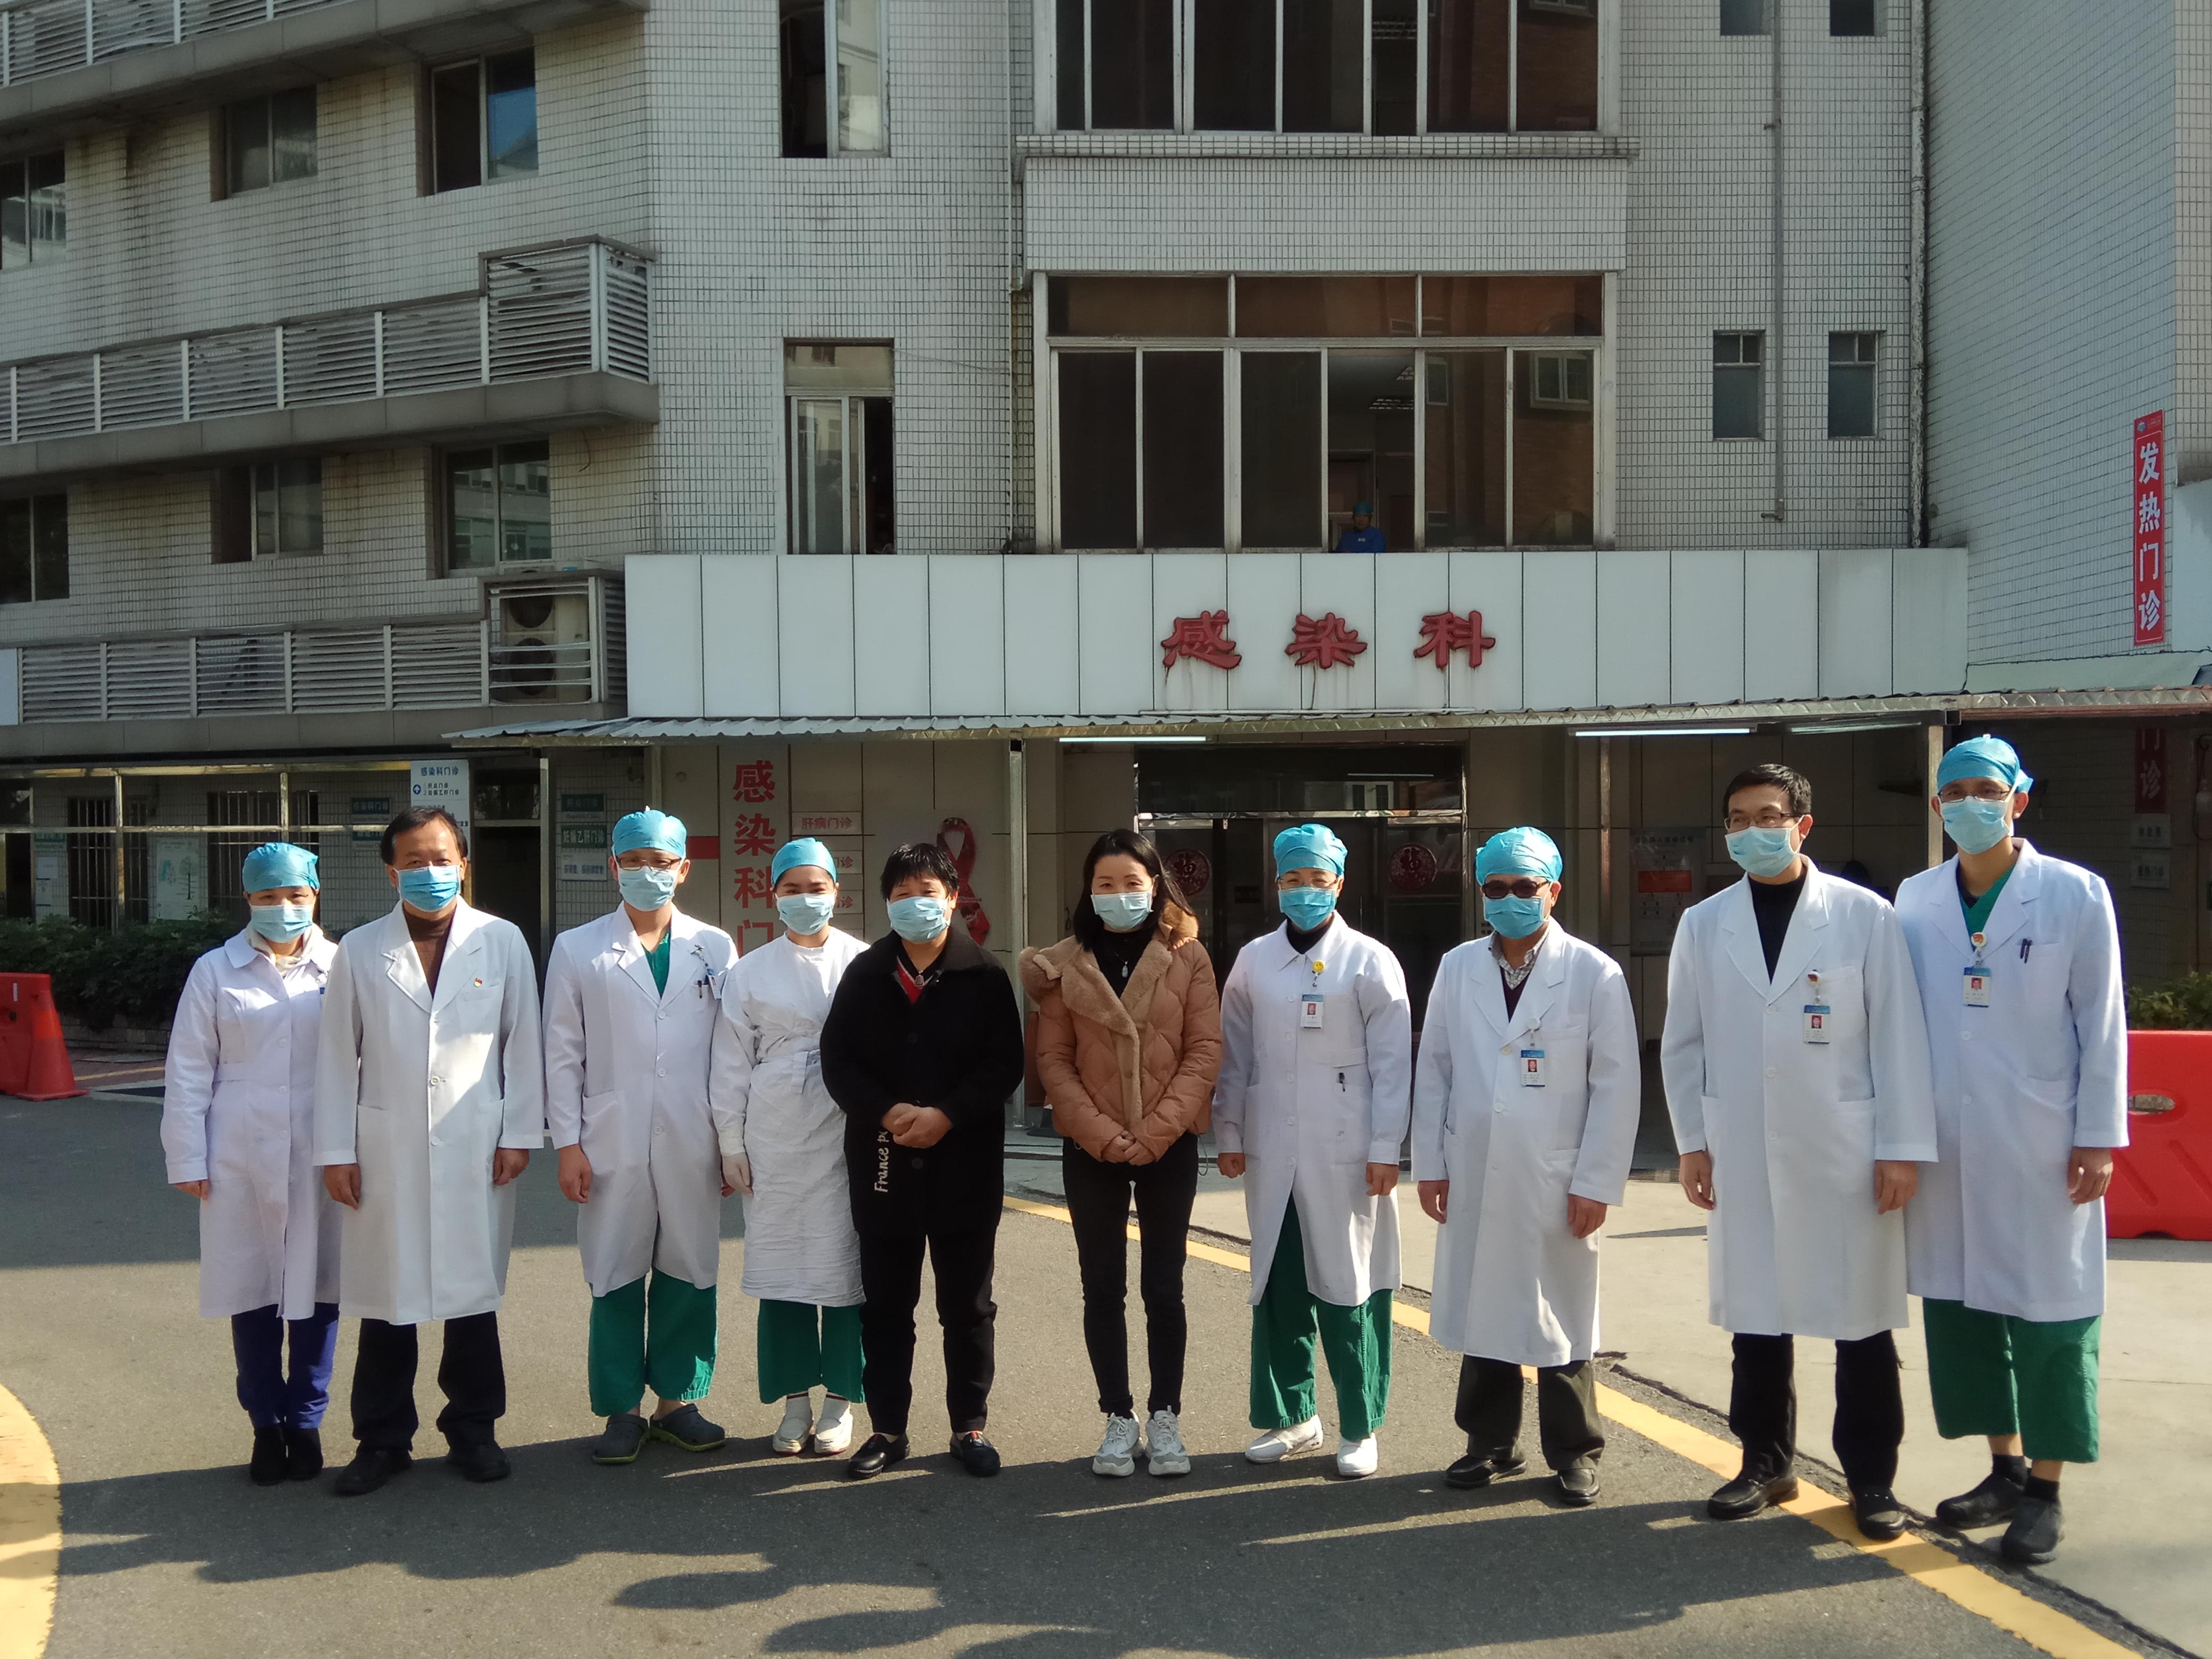 2月18日江門又有兩例新冠肺炎患者治愈出院 累計8例出院